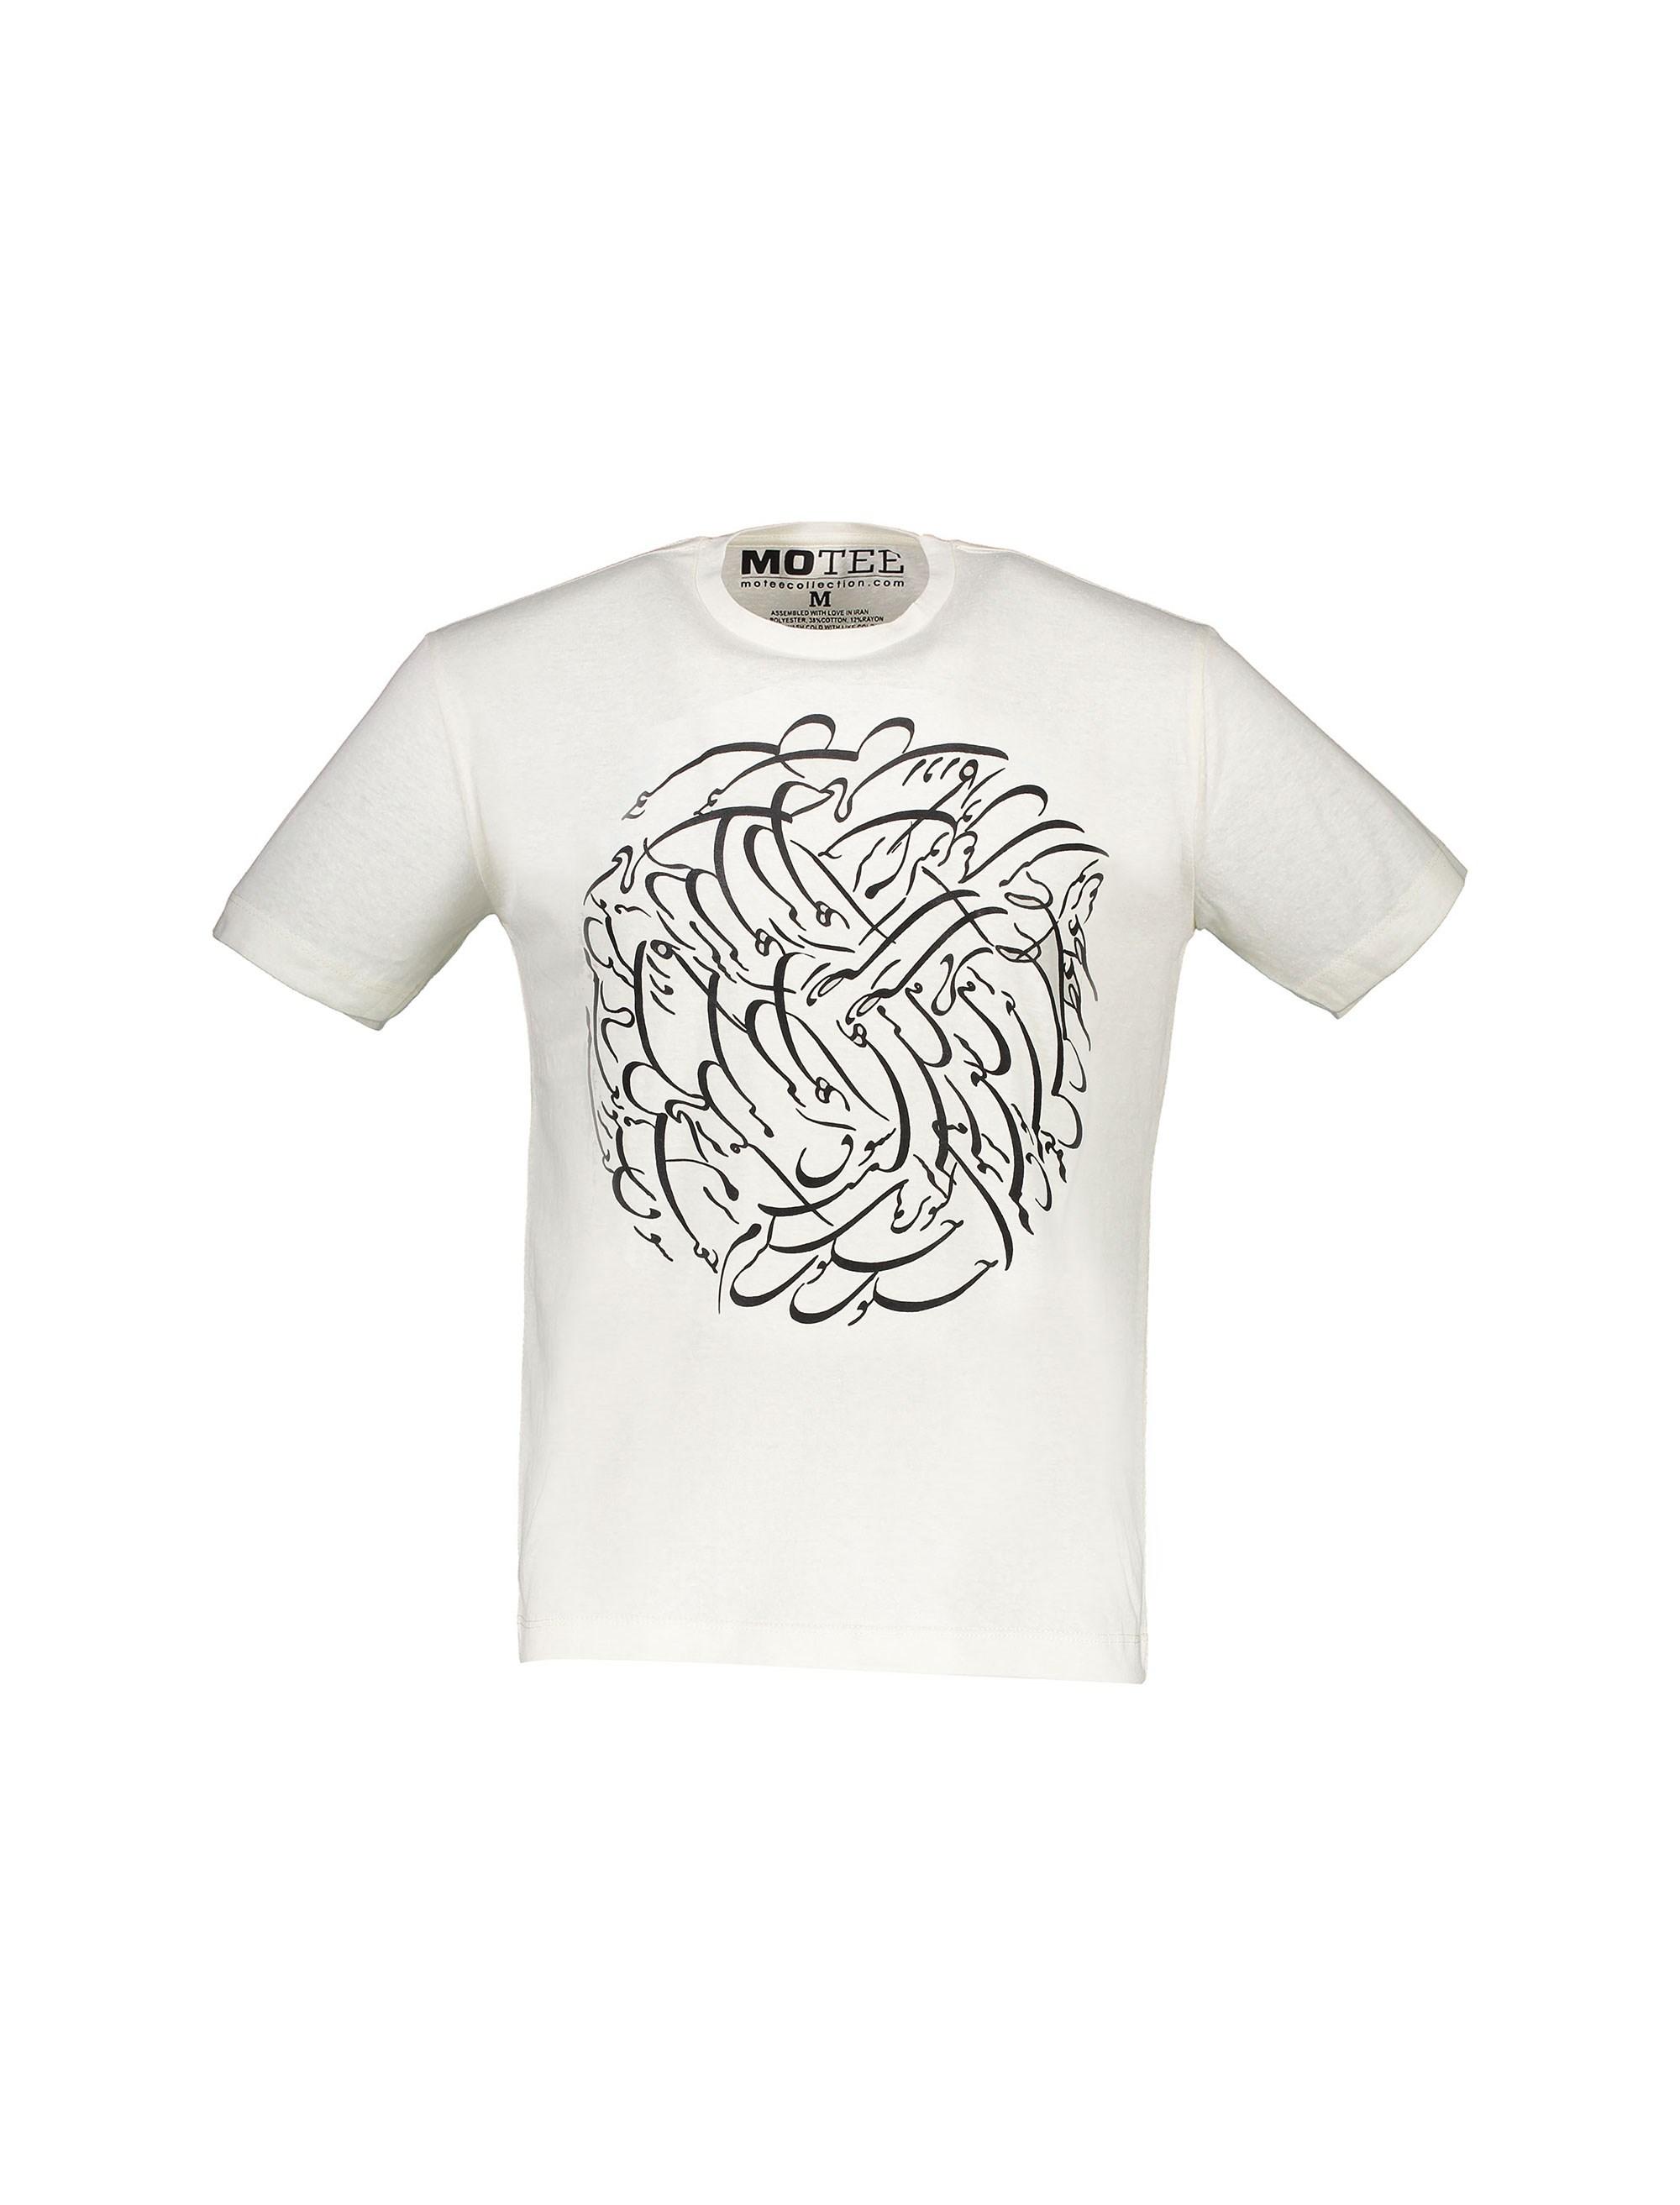 تی شرت یقه گرد مردانه - متی - سفيد وانيلي - 1